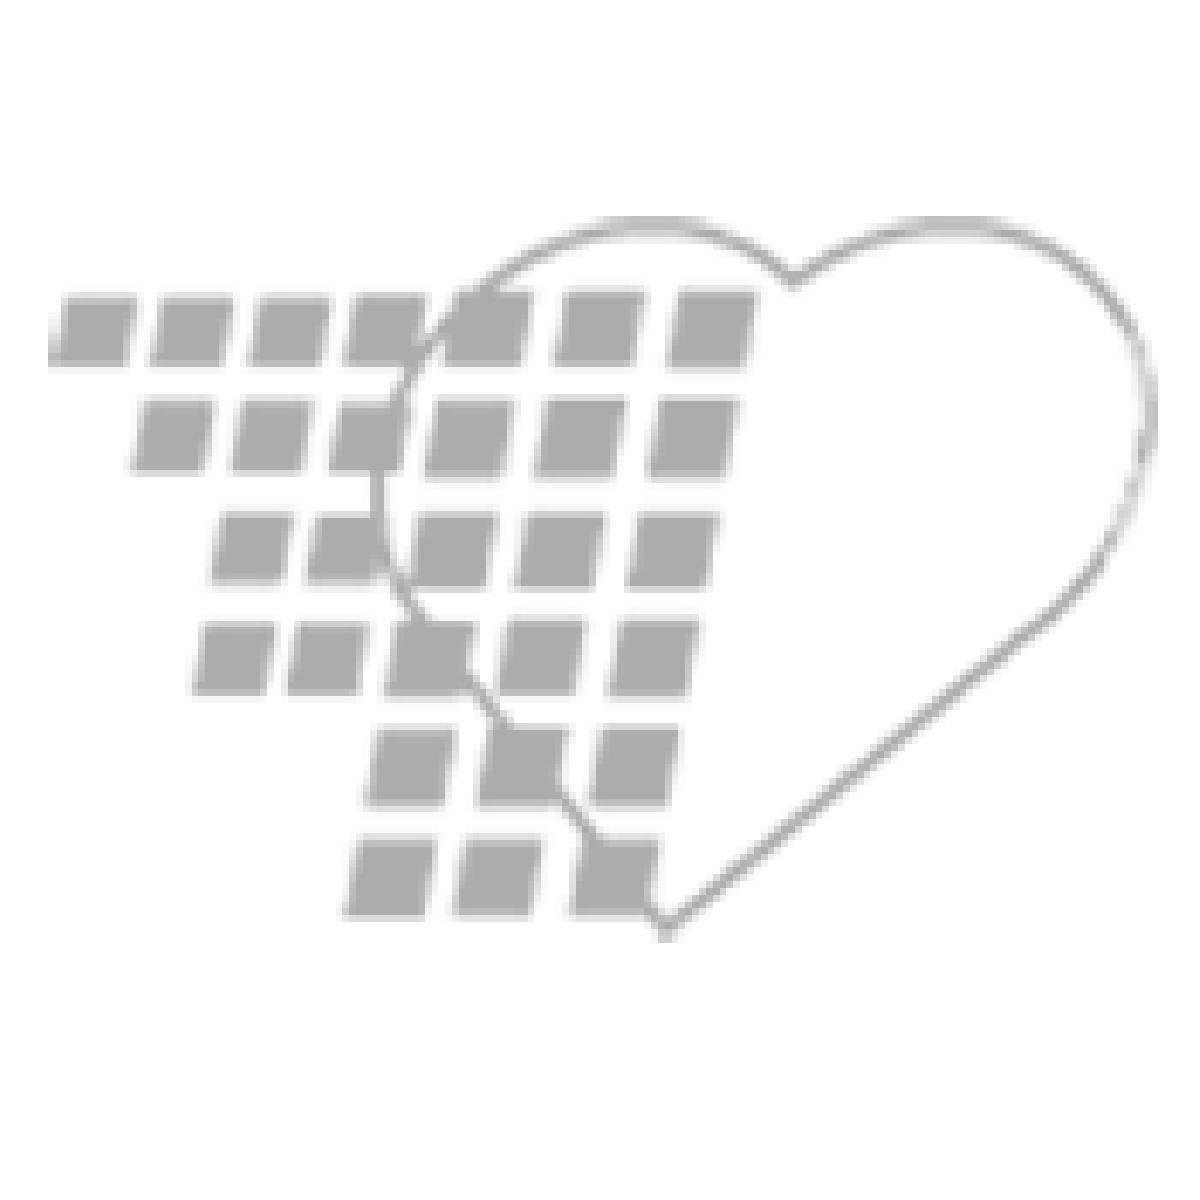 07-71-0035 Bivona® Uncuffed Neonatal Ped Trach Tube 3.5mm Trach